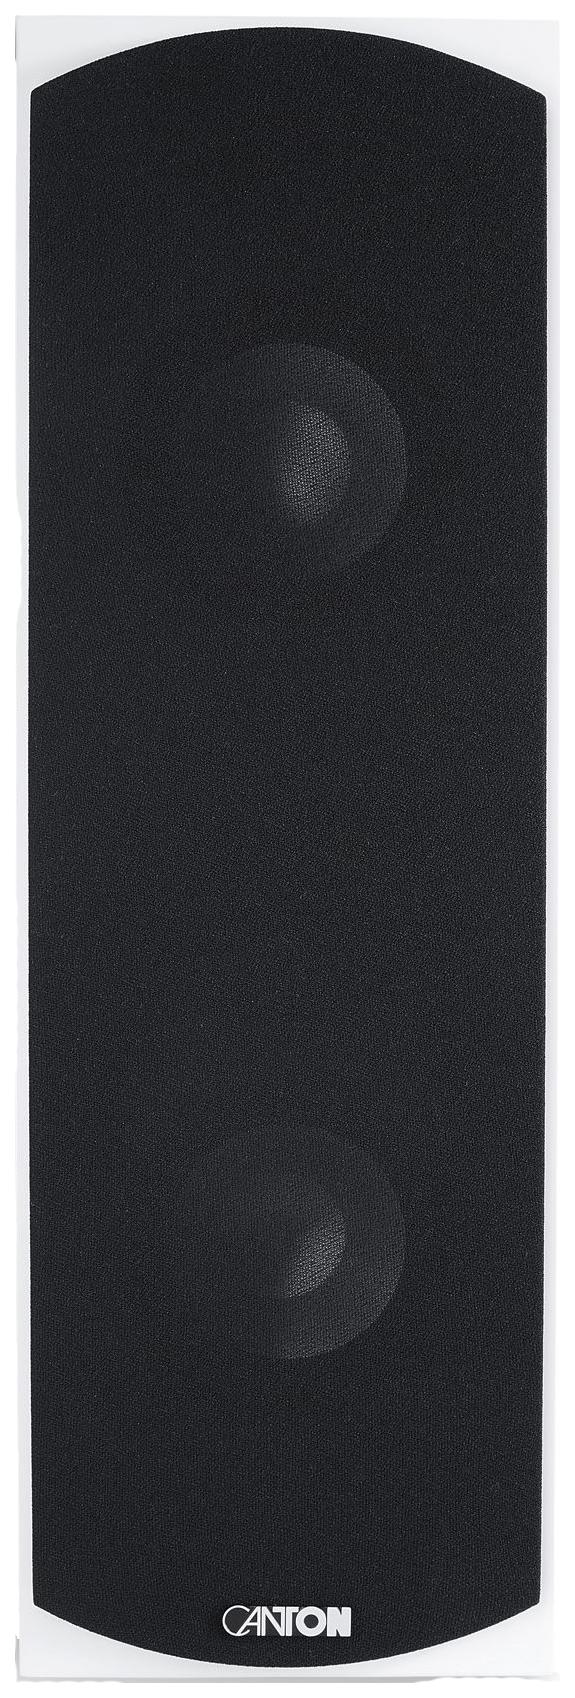 Колонки Canton GLE 417.2 OnWall White